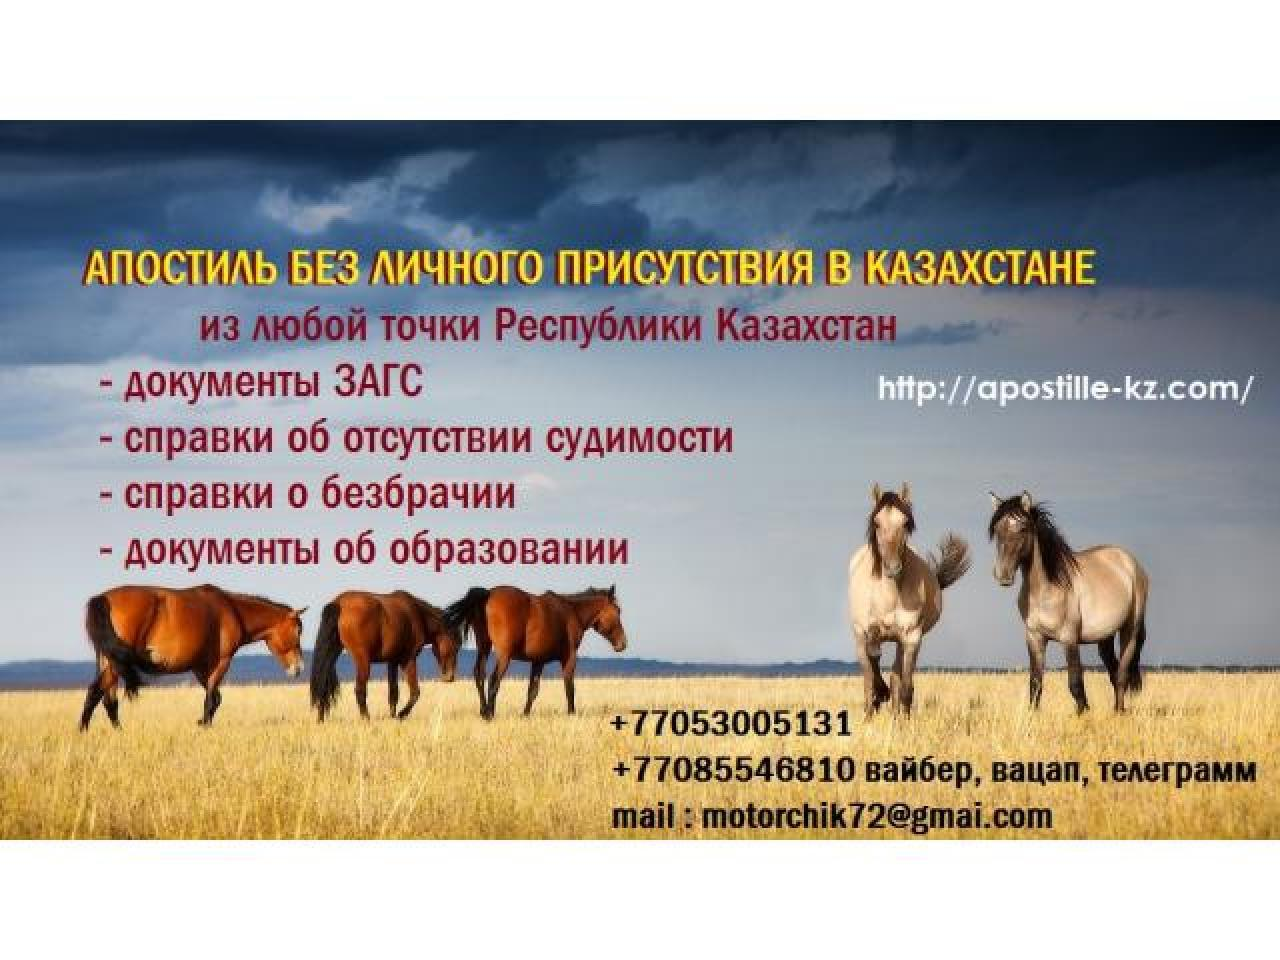 Свидетельство о рождении дистанционно из Казахстана - 1